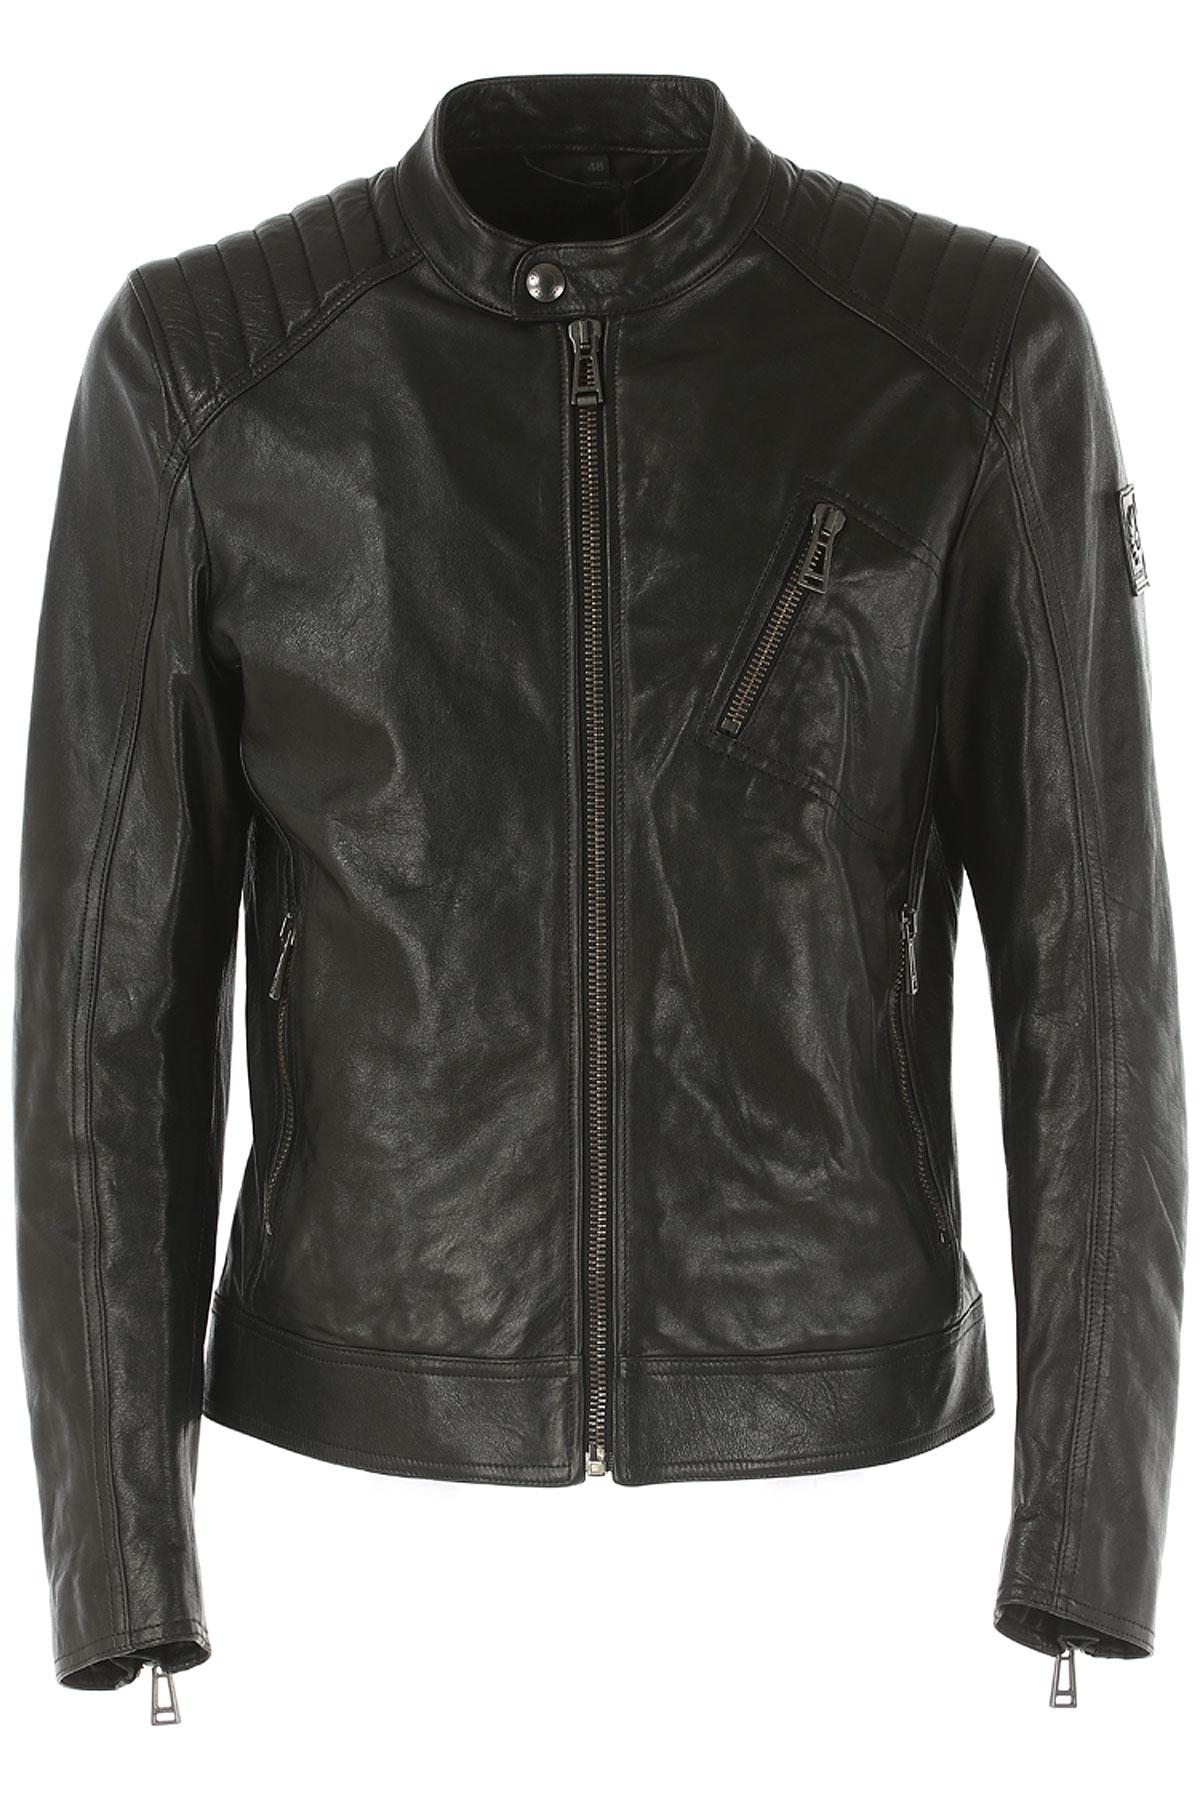 Image of Belstaff Jacket for Men, Black, Leather, 2017, L M XL